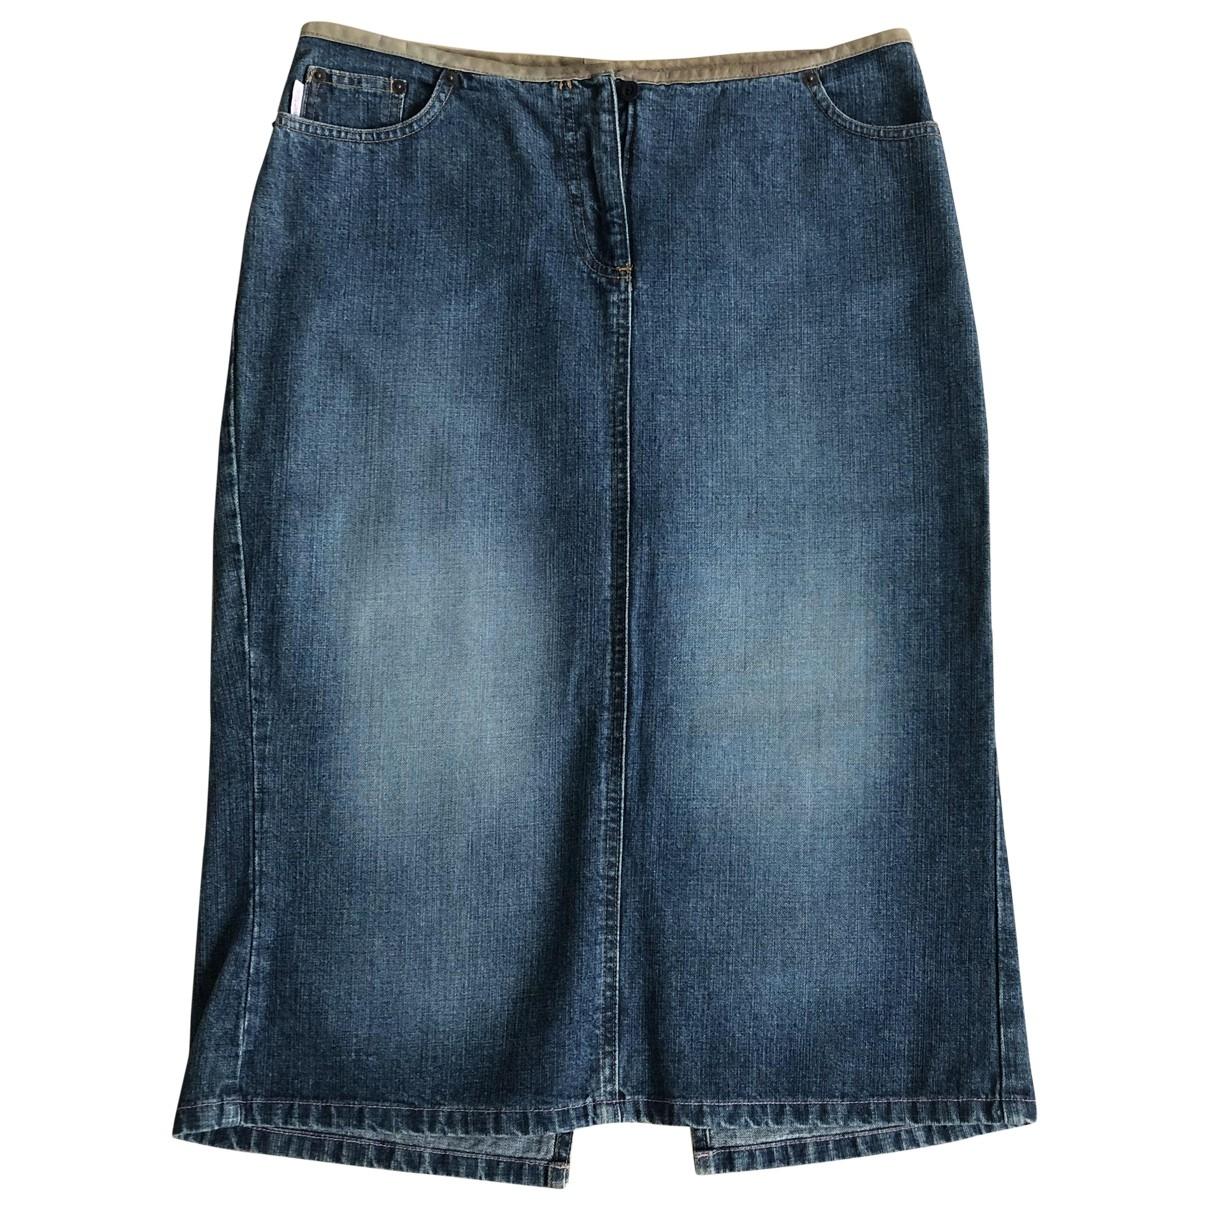 Paul Smith \N Rocke in  Blau Denim - Jeans